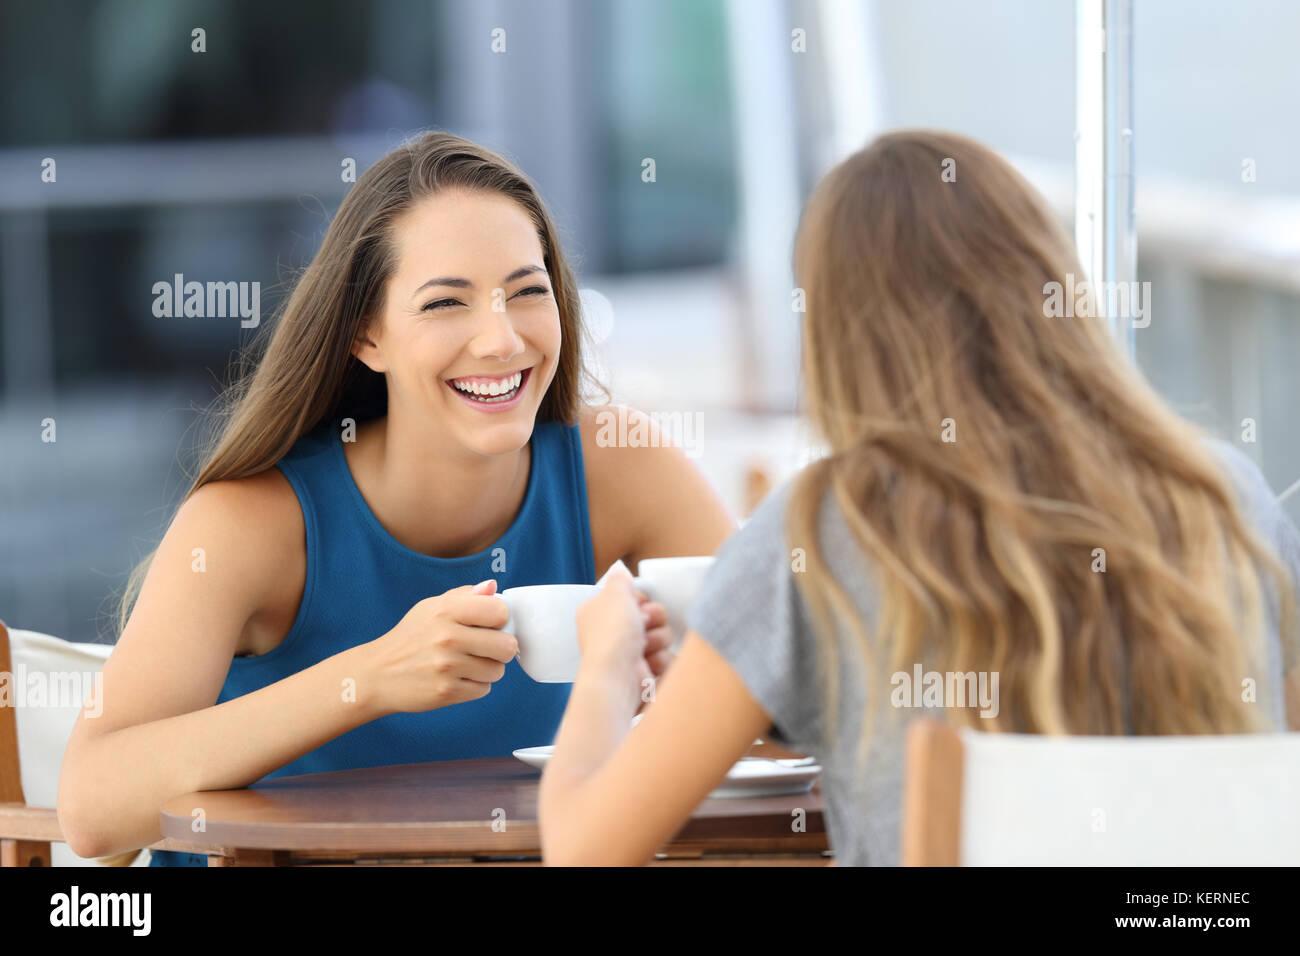 Dos amigos feliz hablando y riéndose sentados en un restaurante terraza Imagen De Stock